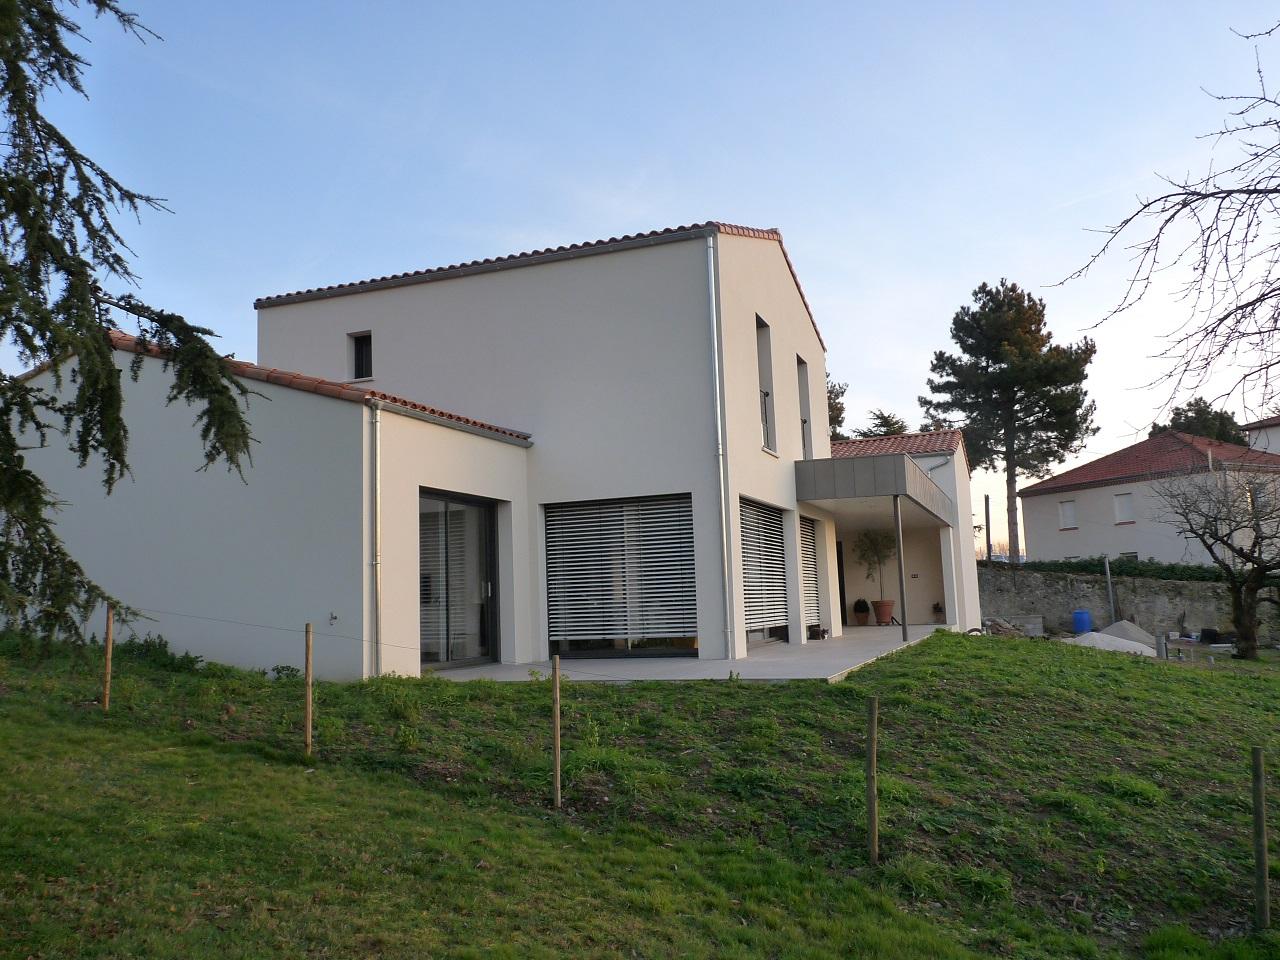 3A Redois-Surget architectes - Sud Vignoble